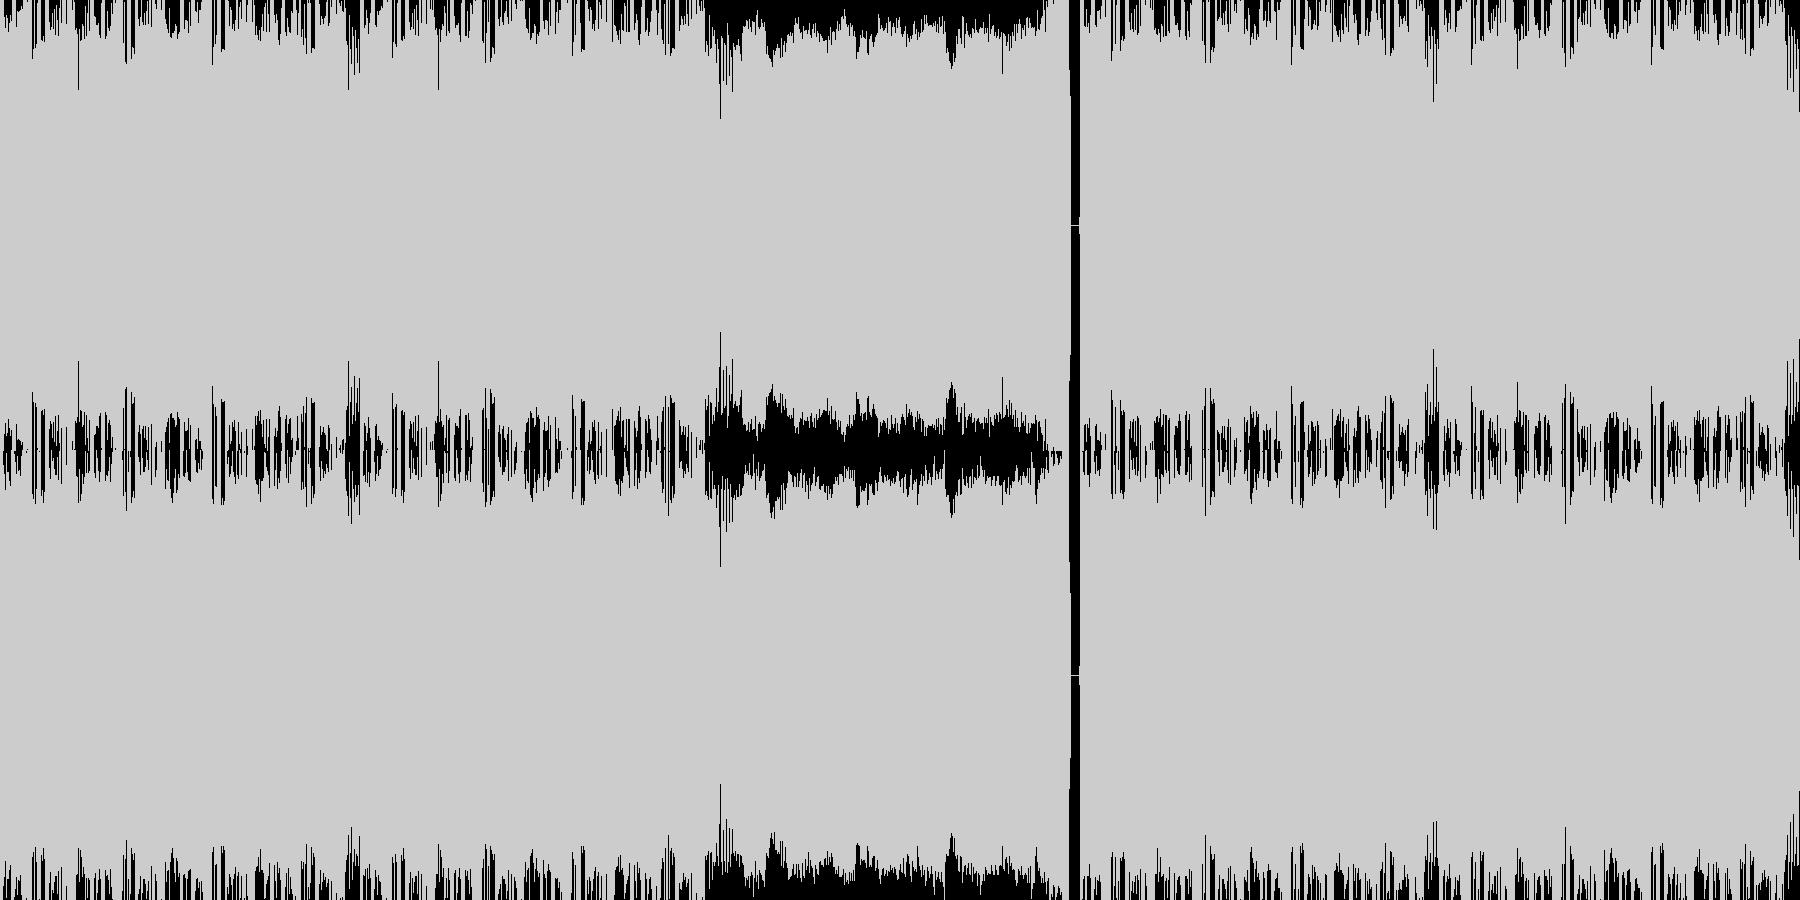 【★クラブサウンドノリノリブロステップ】の未再生の波形